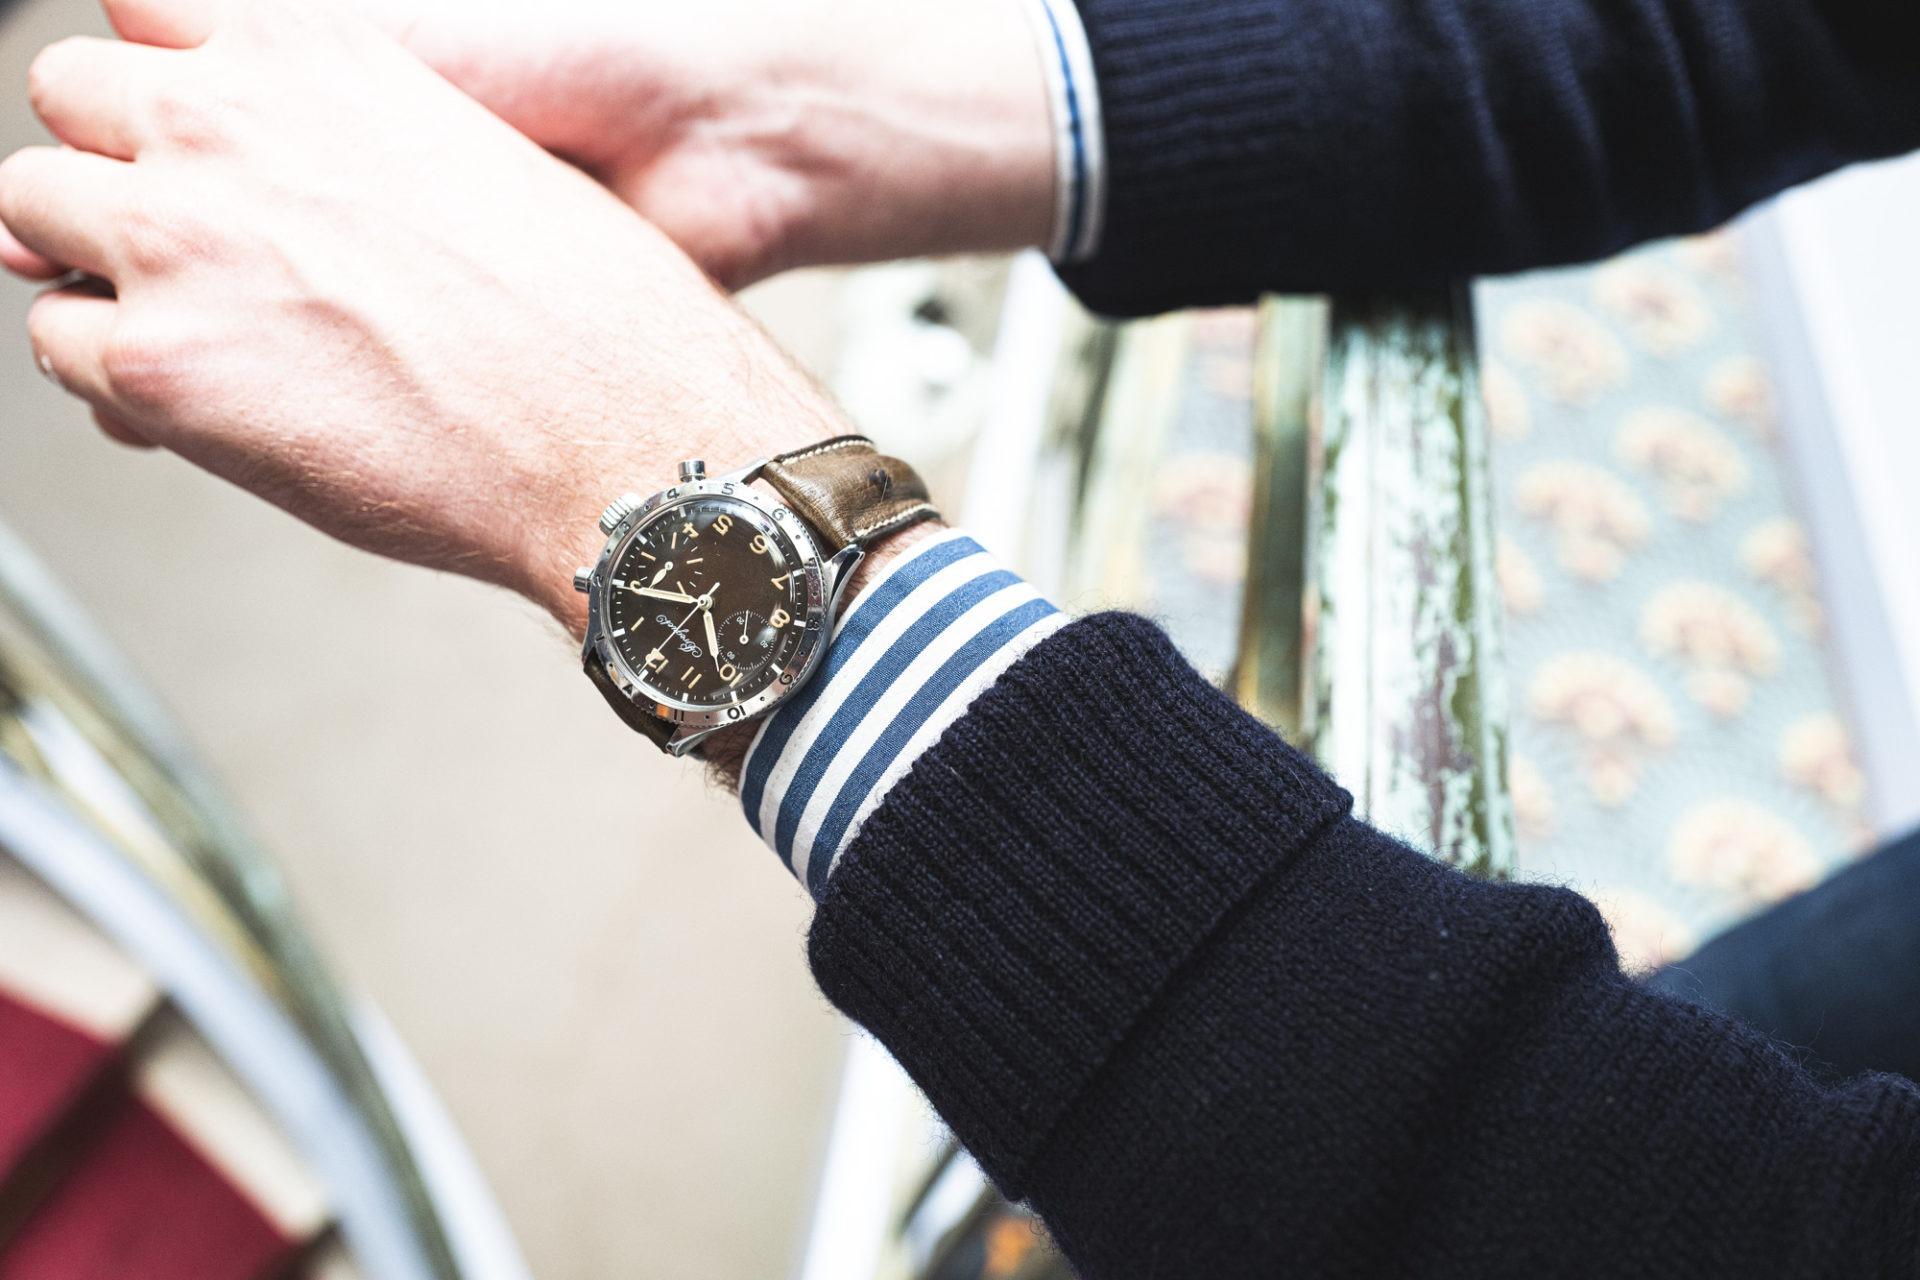 Breguet Type XX - Vente importante de montres de collection par Tajan le 2 juillet